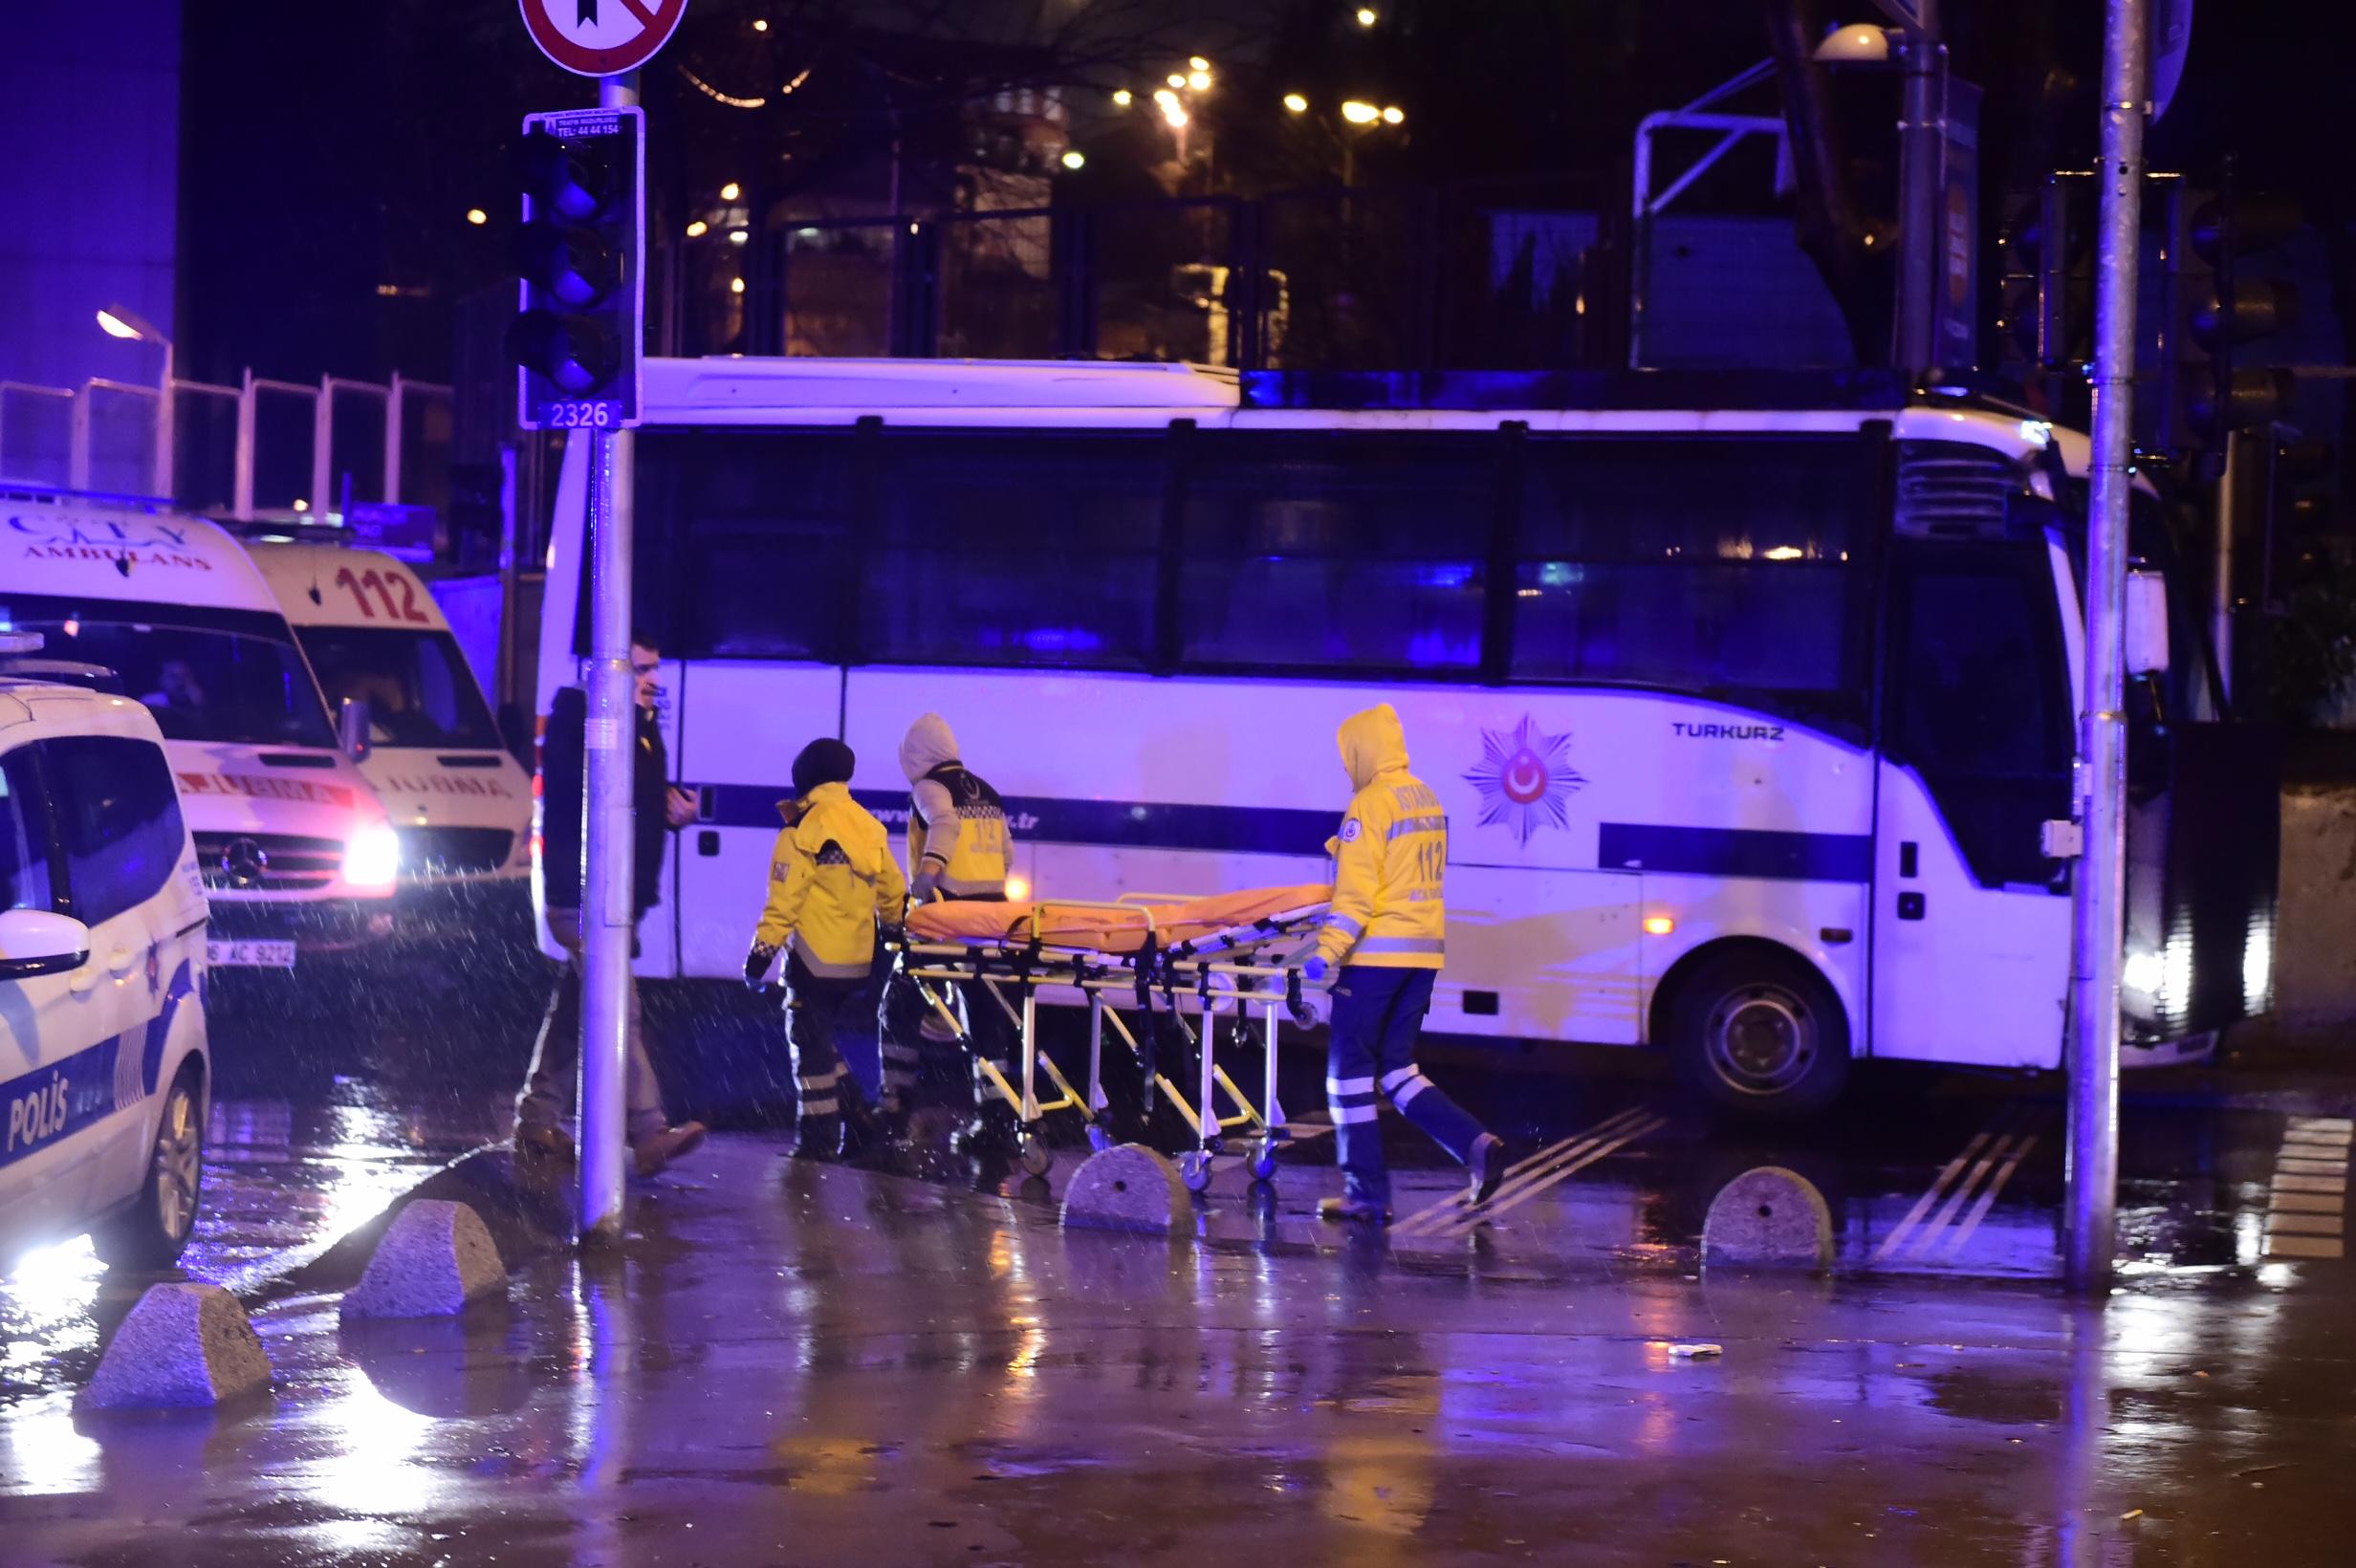 الاسعاف التركية تنقل الجرحى والقتلى